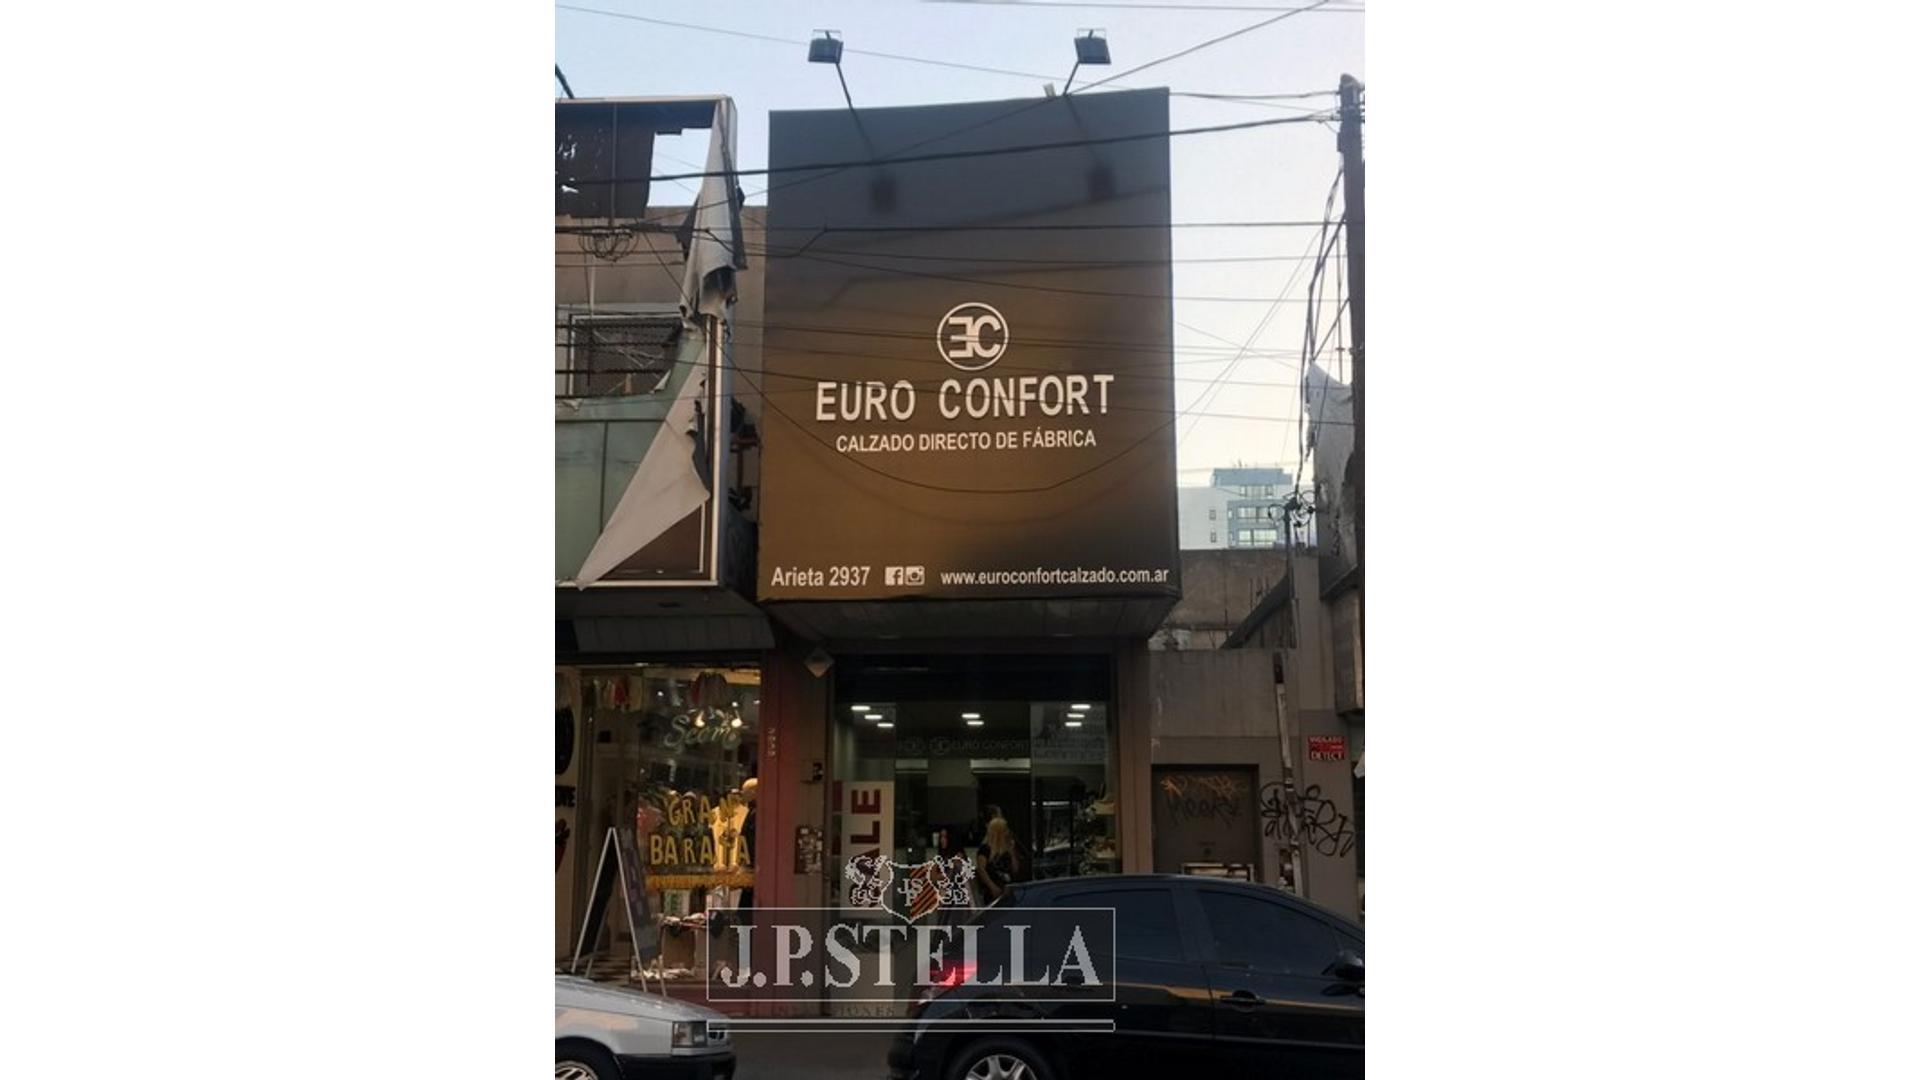 Excelente Local Comercial sobre Arieta a 50 mts de la Plaza San Justo - S.Justo (Ctro)